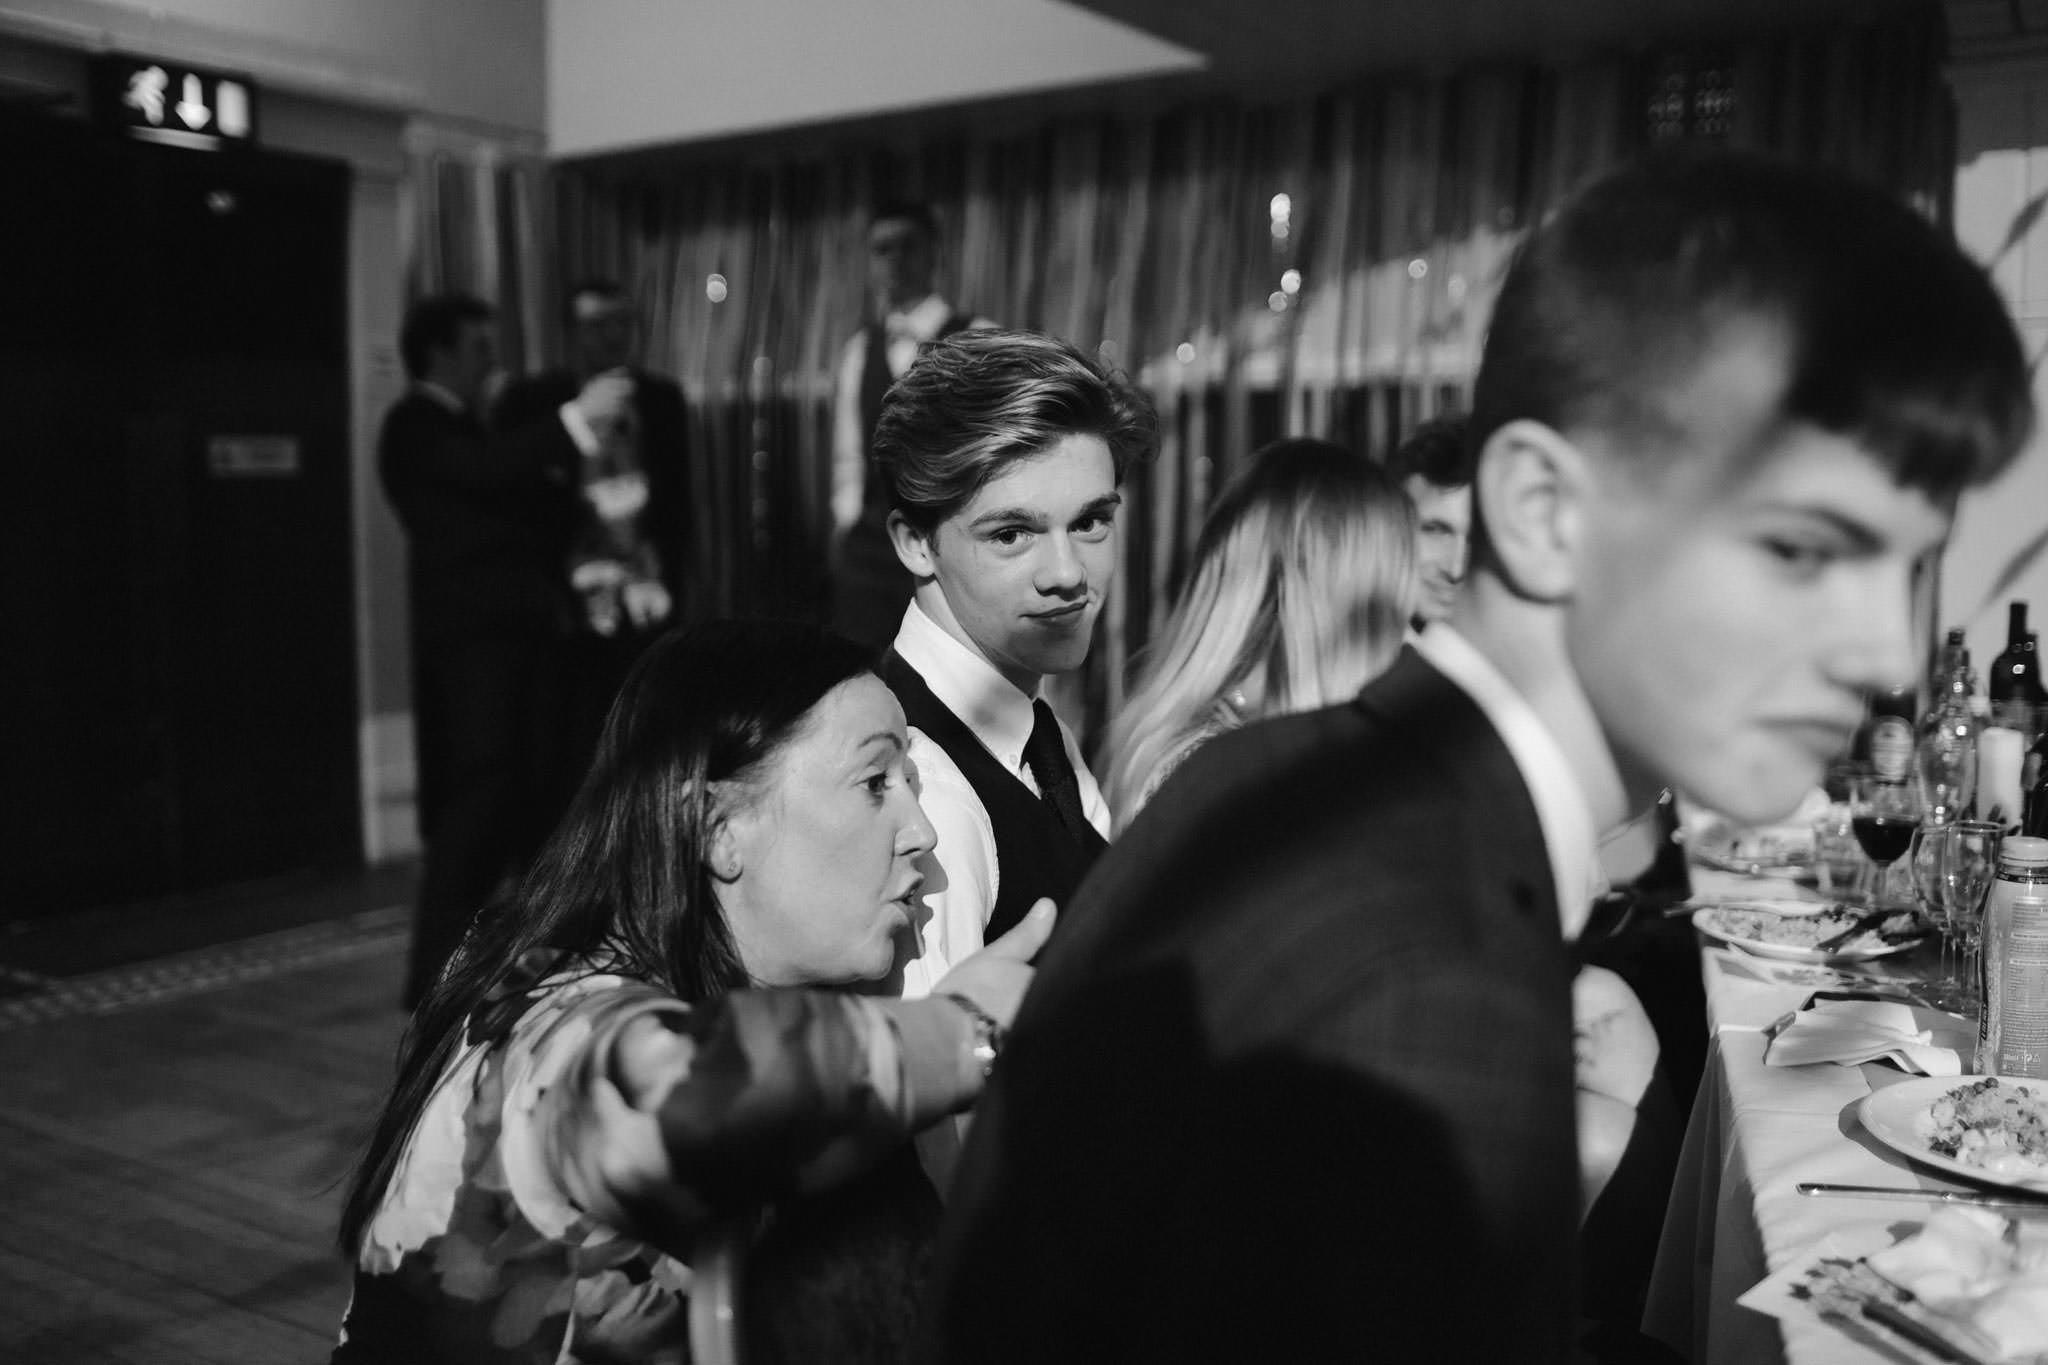 scottish-wedding-photography-146